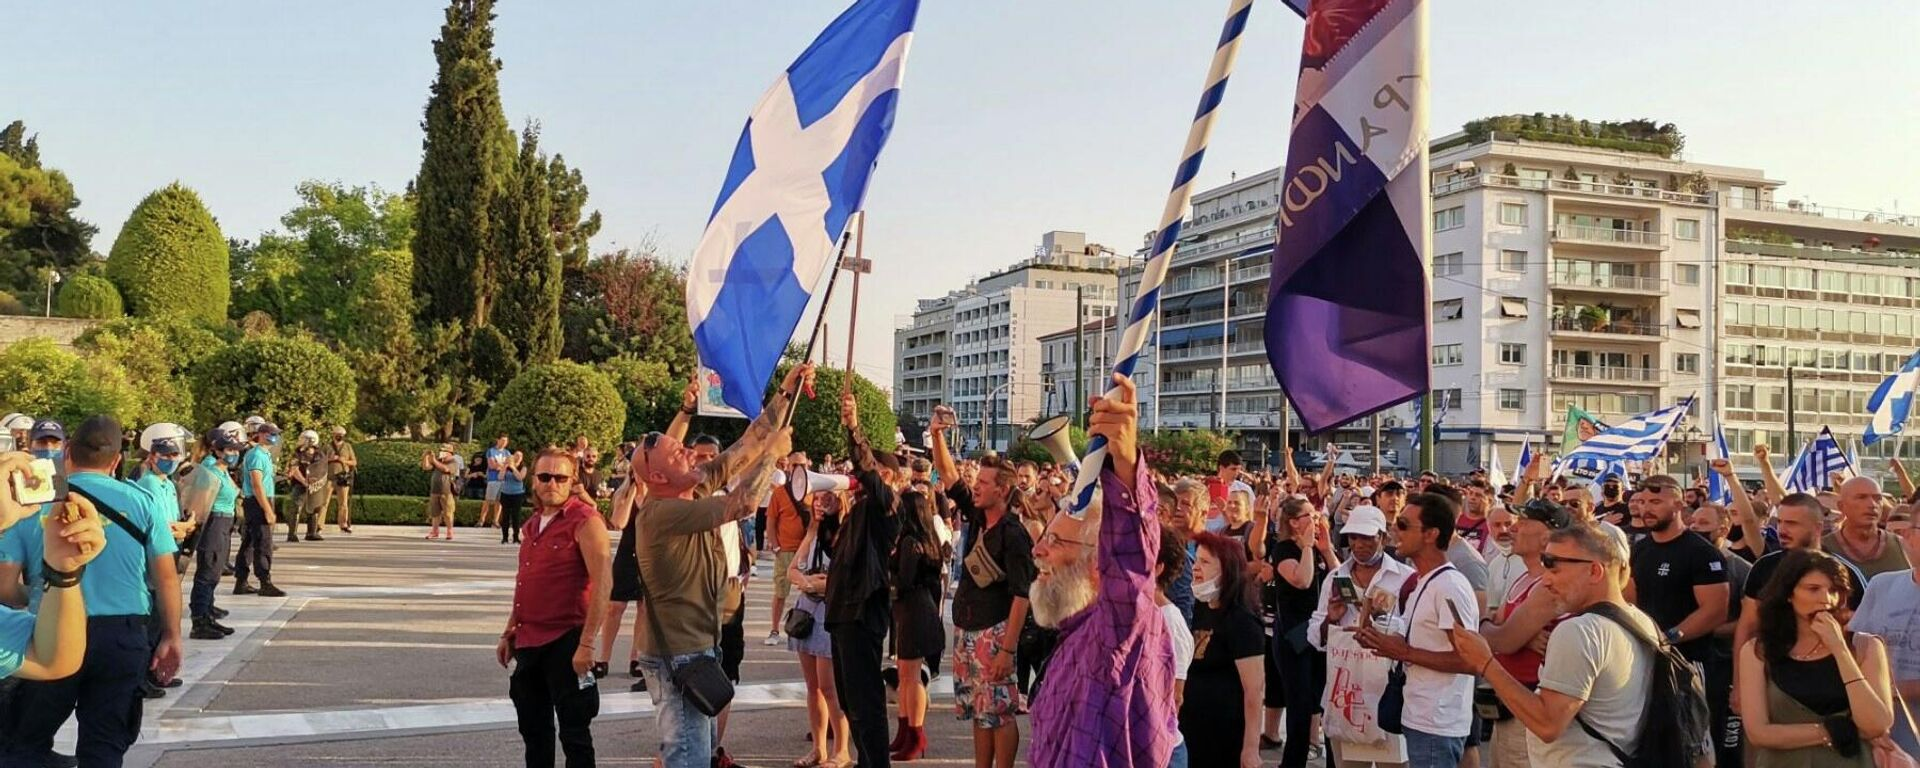 Σημαίες, σταυροί και συνθήματα στη συγκέντρωση αντιεμβολιαστών στο Σύνταγμα - Sputnik Ελλάδα, 1920, 25.09.2021